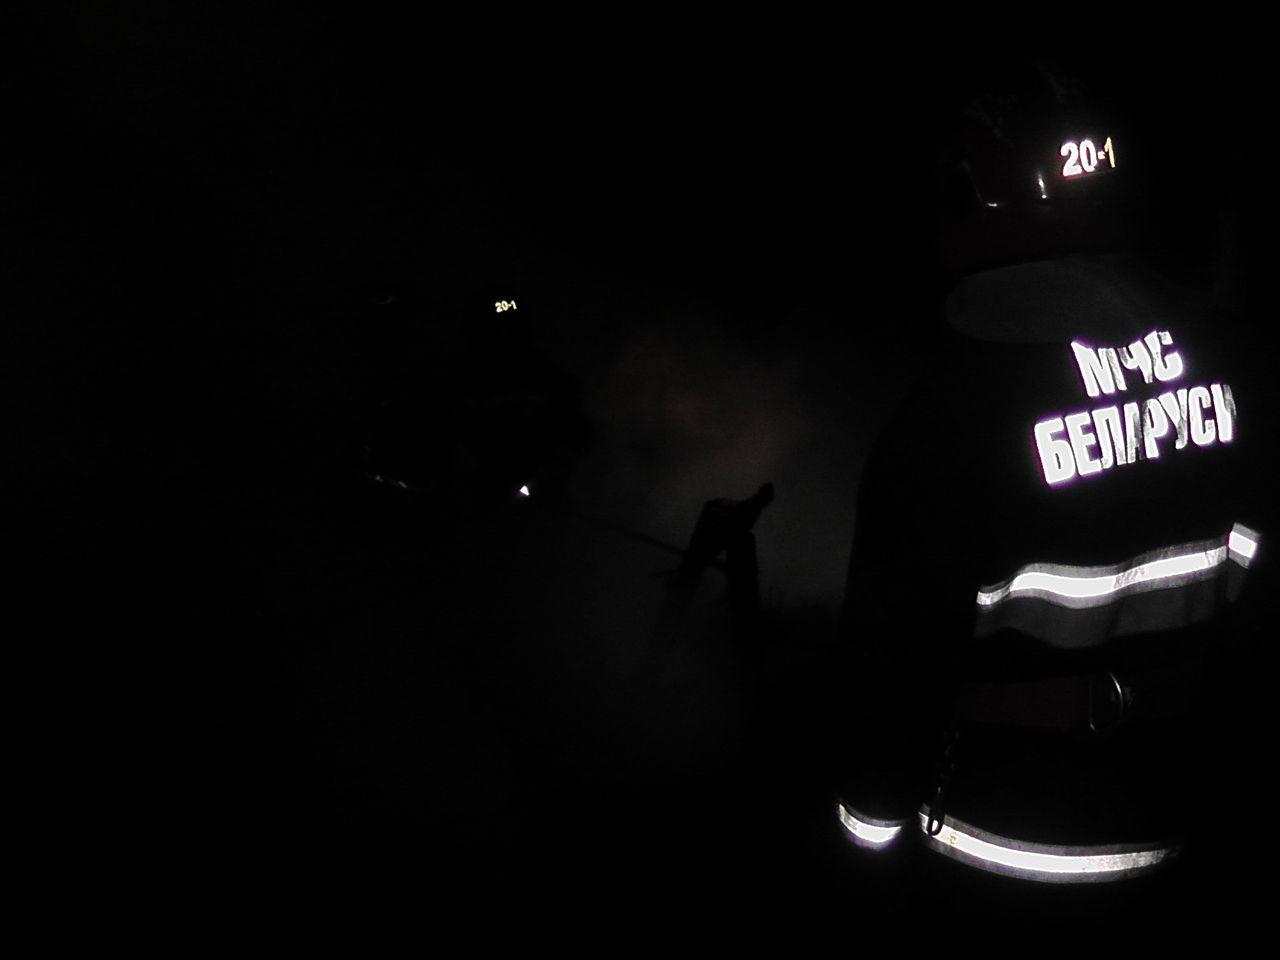 Пожар в деревне Секеричи МЧС надпись